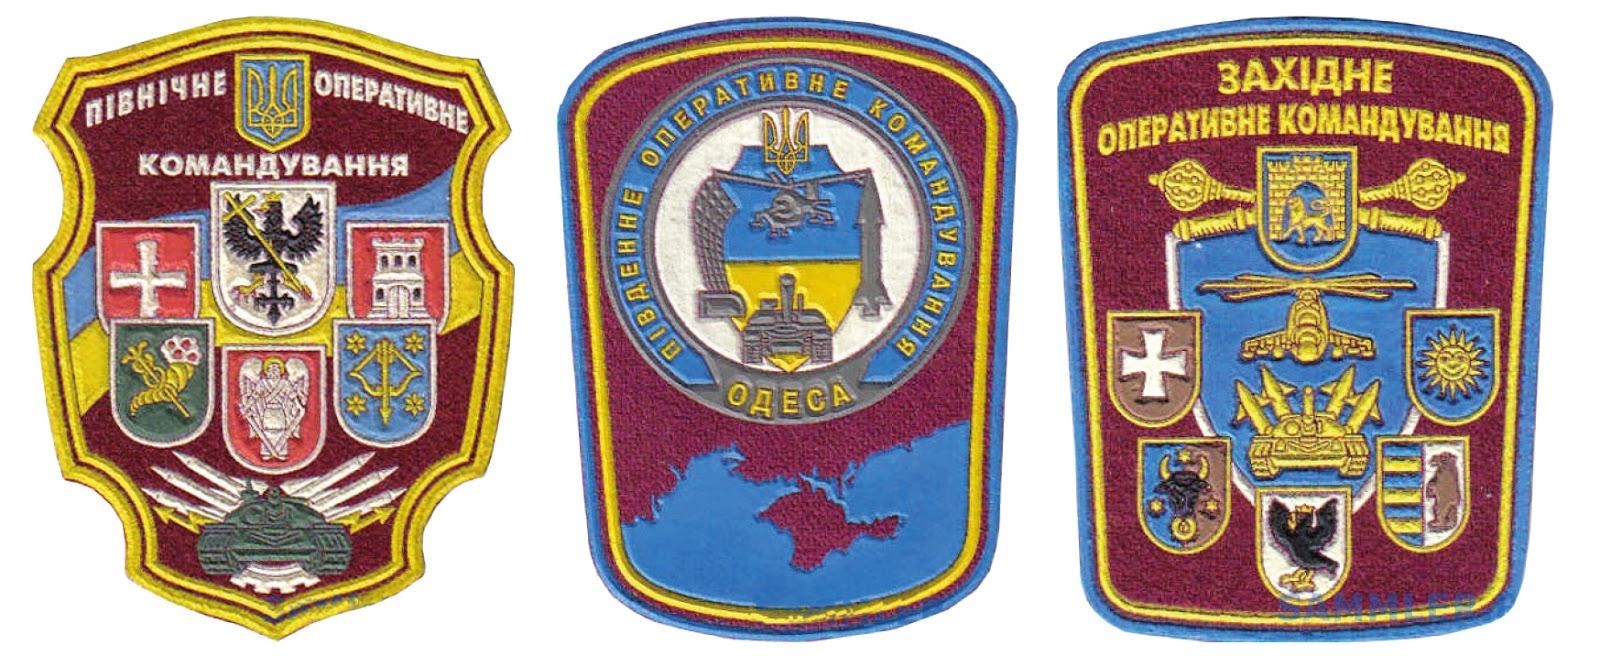 Максим Хорошунов. Нарукавні символи оперативних командувань